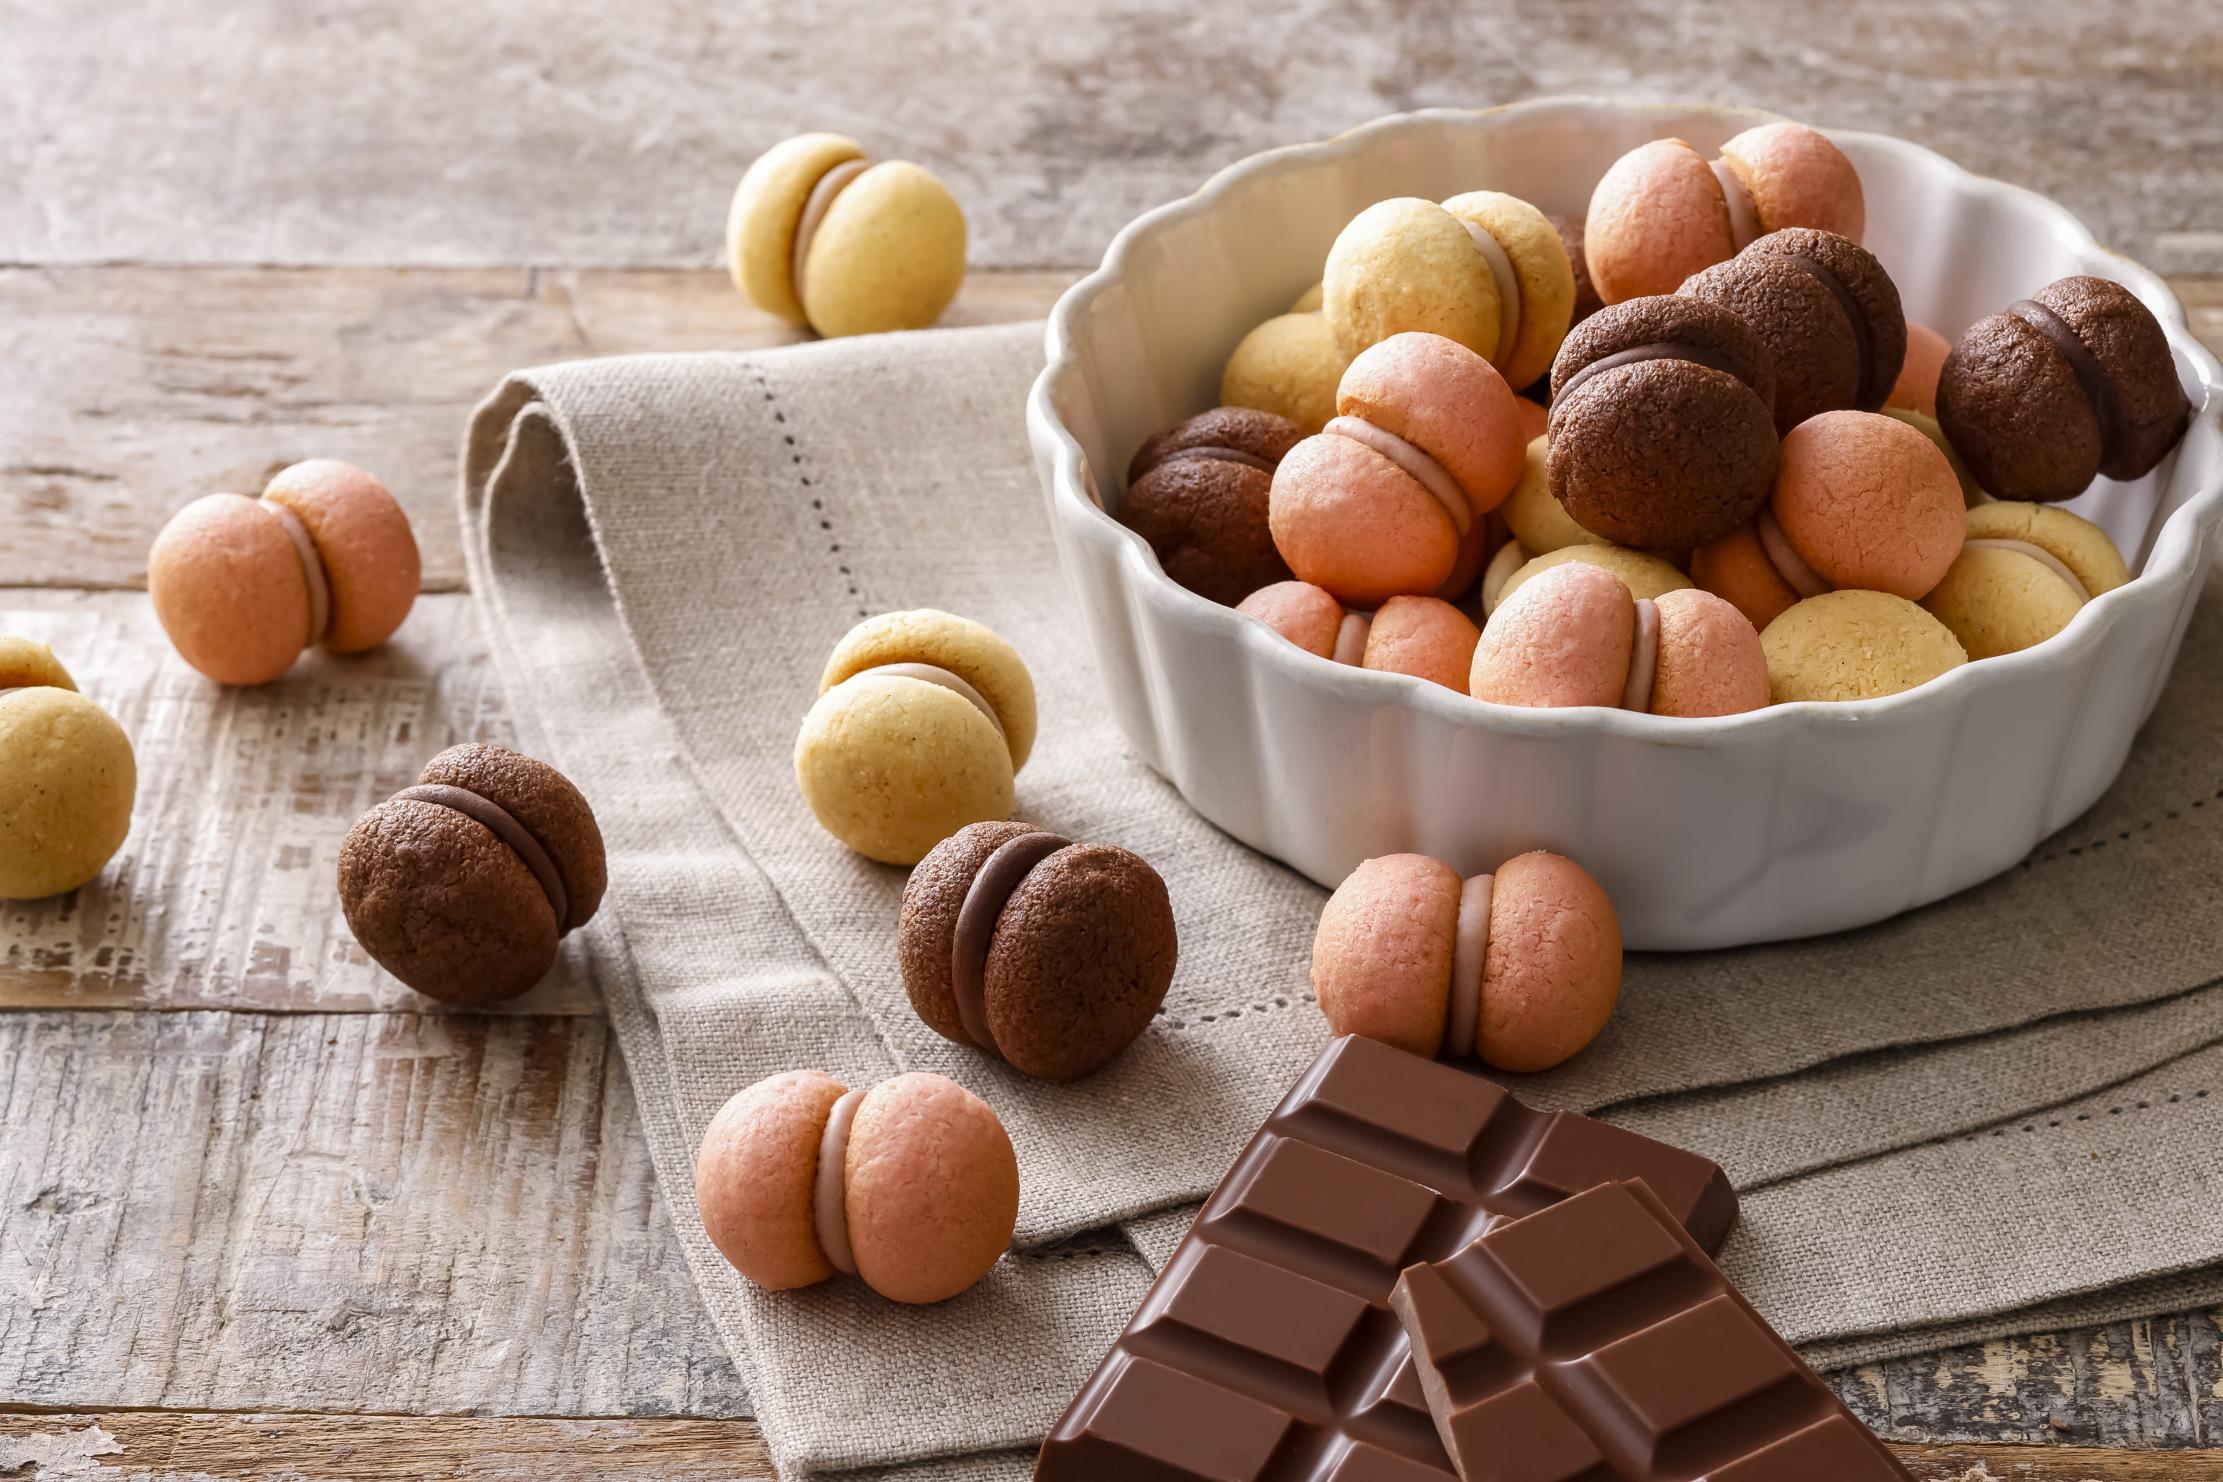 生産者・消費者・環境、みんなが笑顔になれるチョコレート作りを目指すDari Kに共鳴   カカオ農園支援商品「サクッチ・ホロッチ」リニューアルのお知らせ